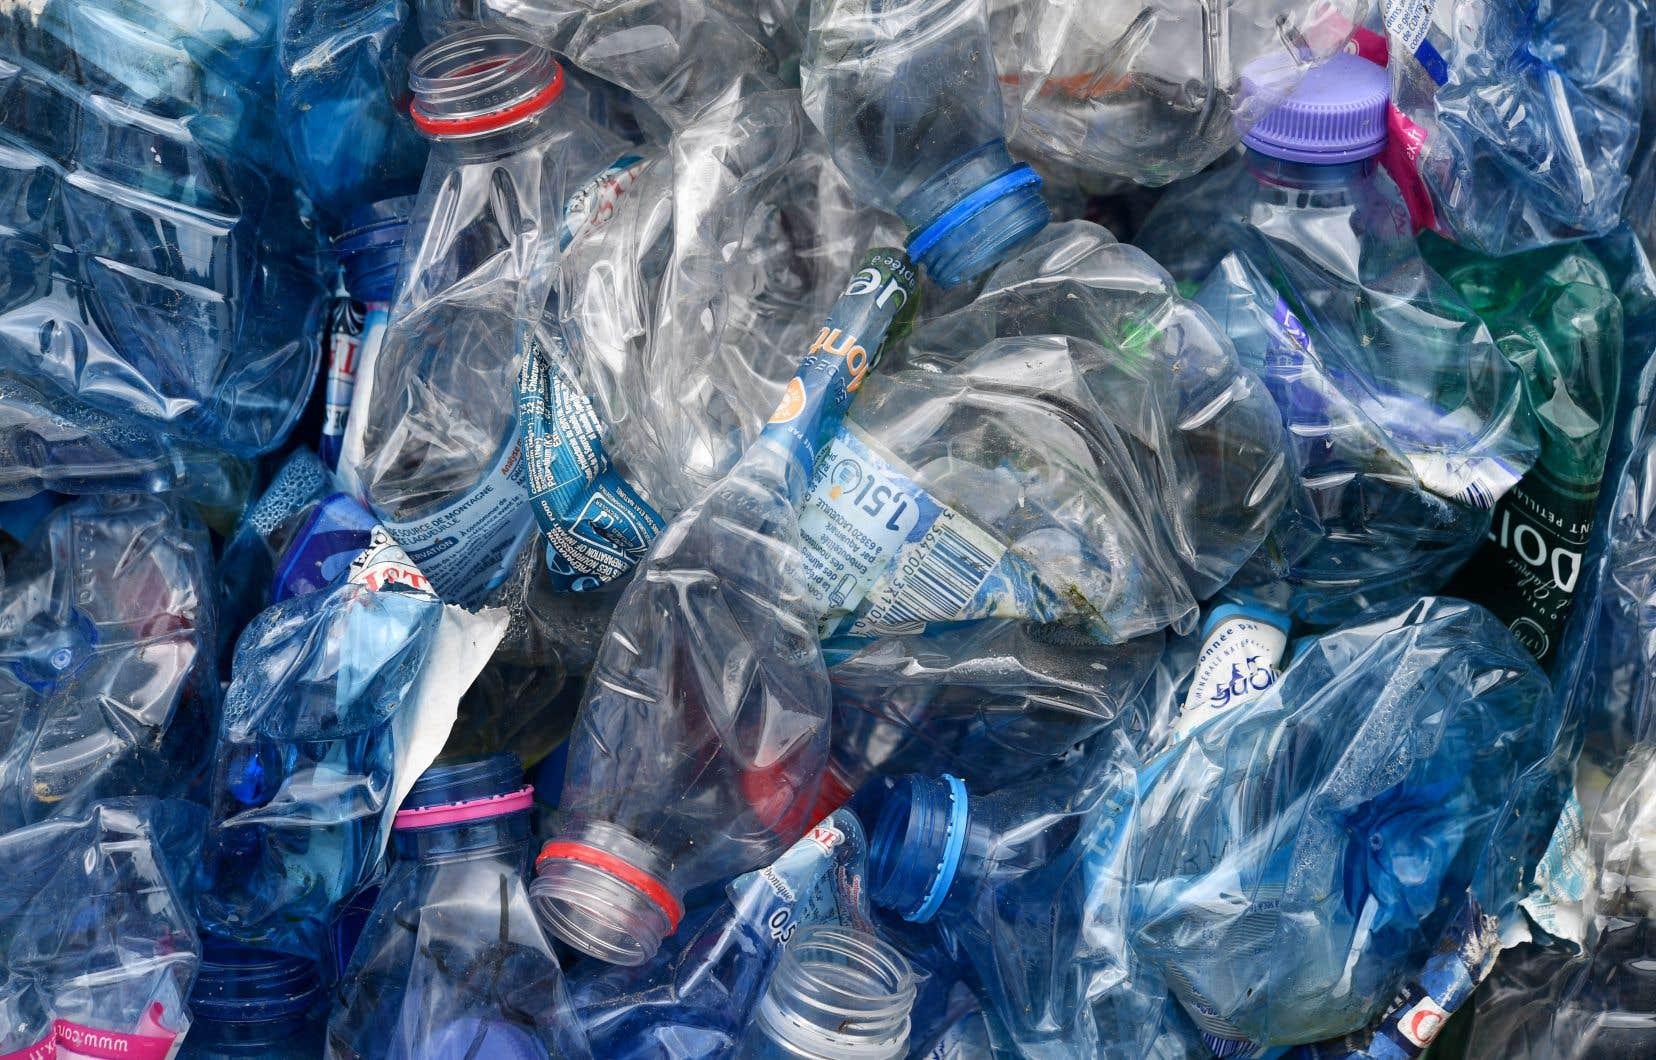 Les bouteilles d'eau en plastique à usage unique seront en grande partie remplacées par des bouteilles réutilisables, affirme la porte-parole du bureau de gestion du sommet.